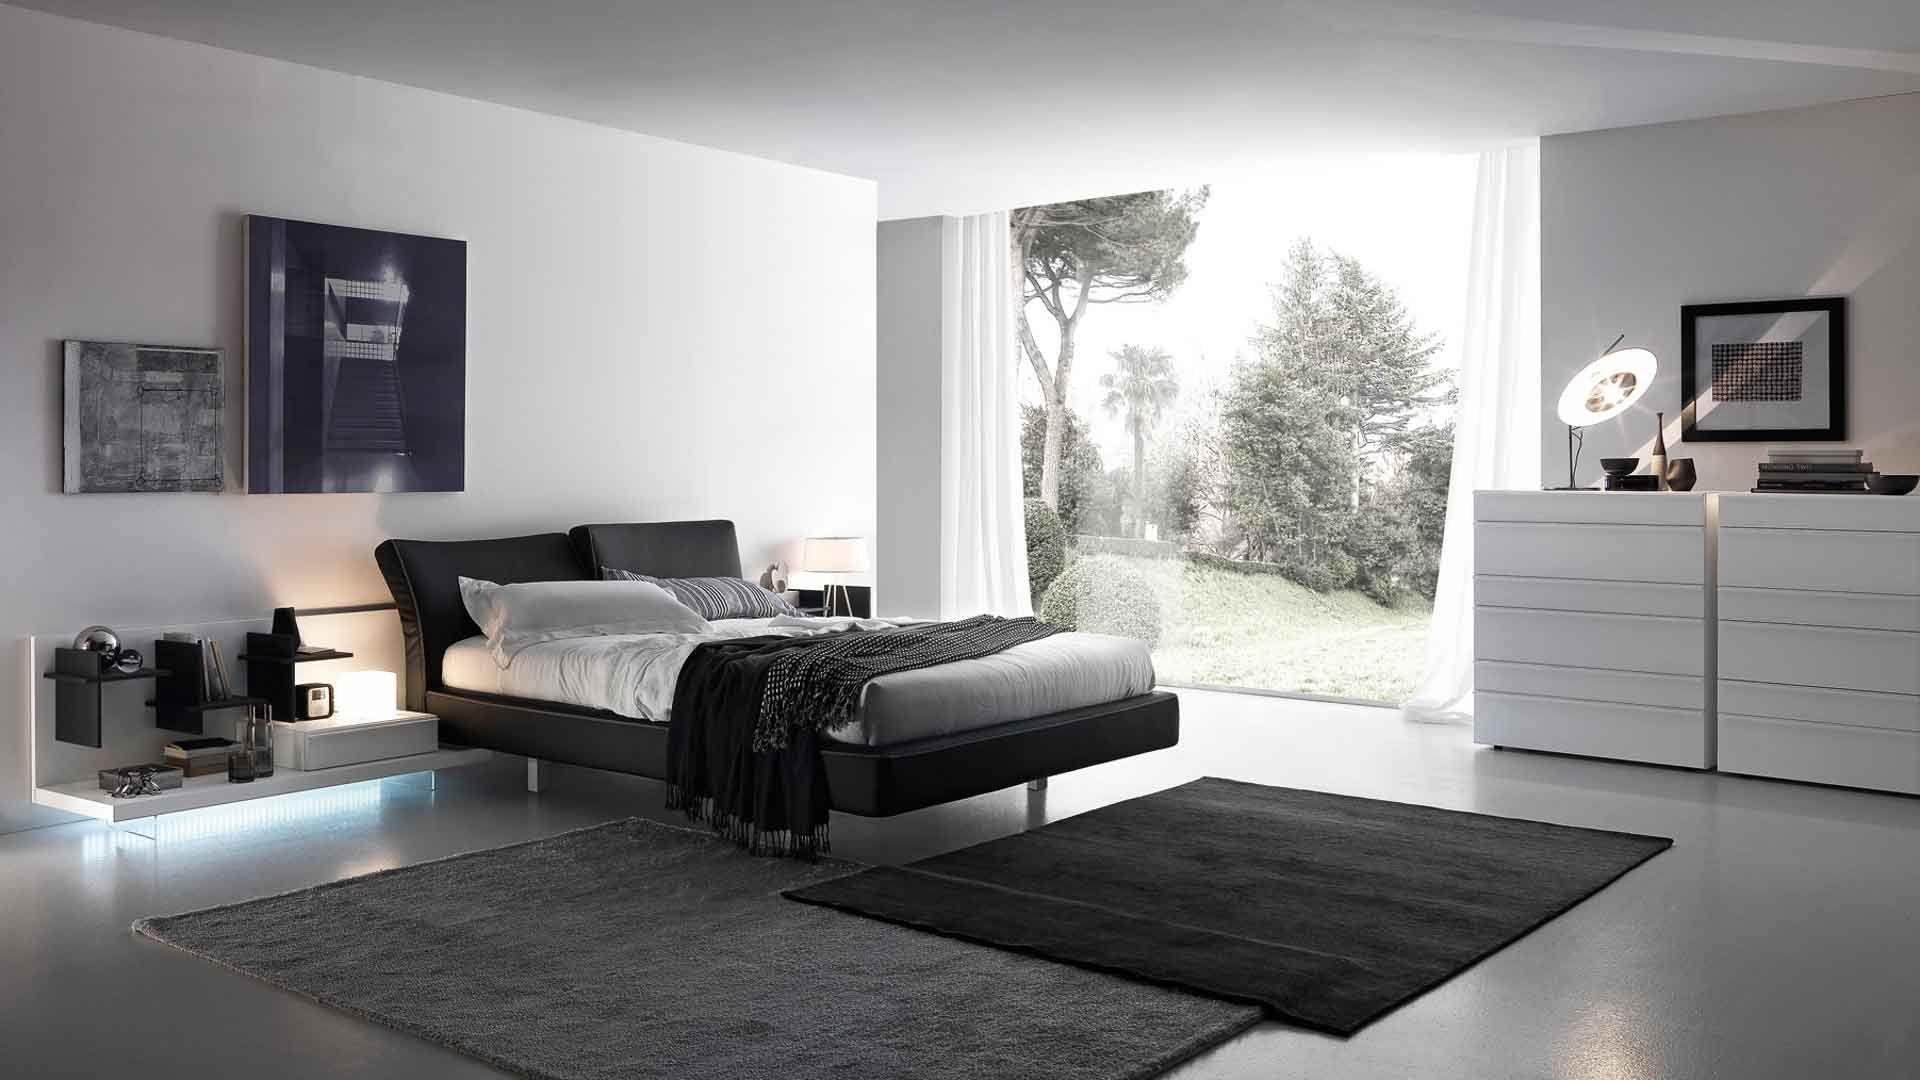 Idee arredo camera da letto ragazza : idee arredo camera da letto ...